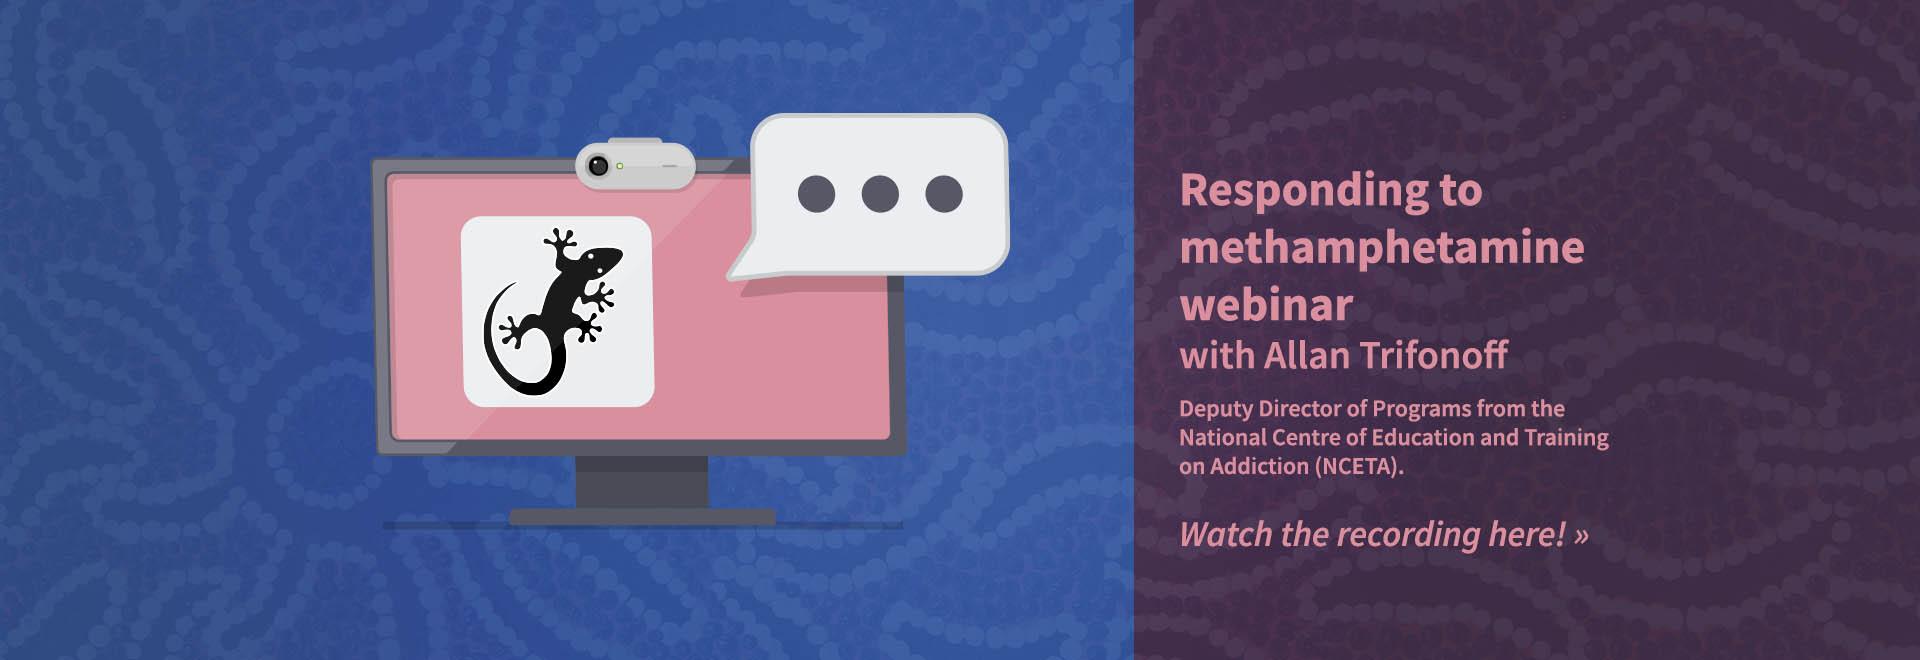 Responding to methamphetamine webinar